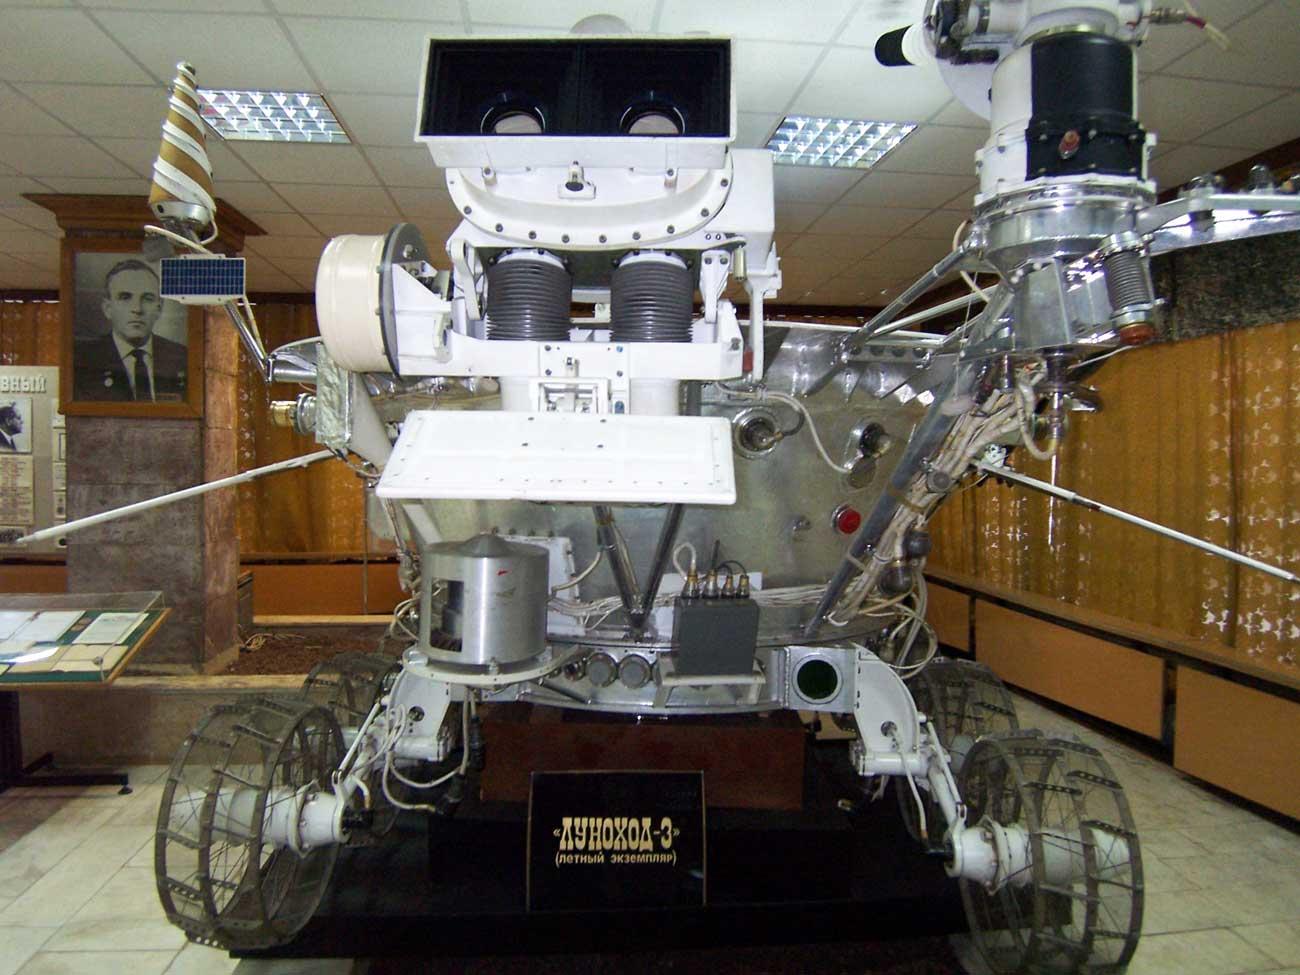 Lunojod-3, se planeaba enviarlo a la Luna en 1977, pero se canceló la expedición. Se encuentra en el Museo de la sociedad científica NPO Lavochkin. Estos aparatos se convertirán en un paso más hacia la creación de una base en la Luna. El diseño del nuevo aparato espacial costará unos 300.000 dólares.\n